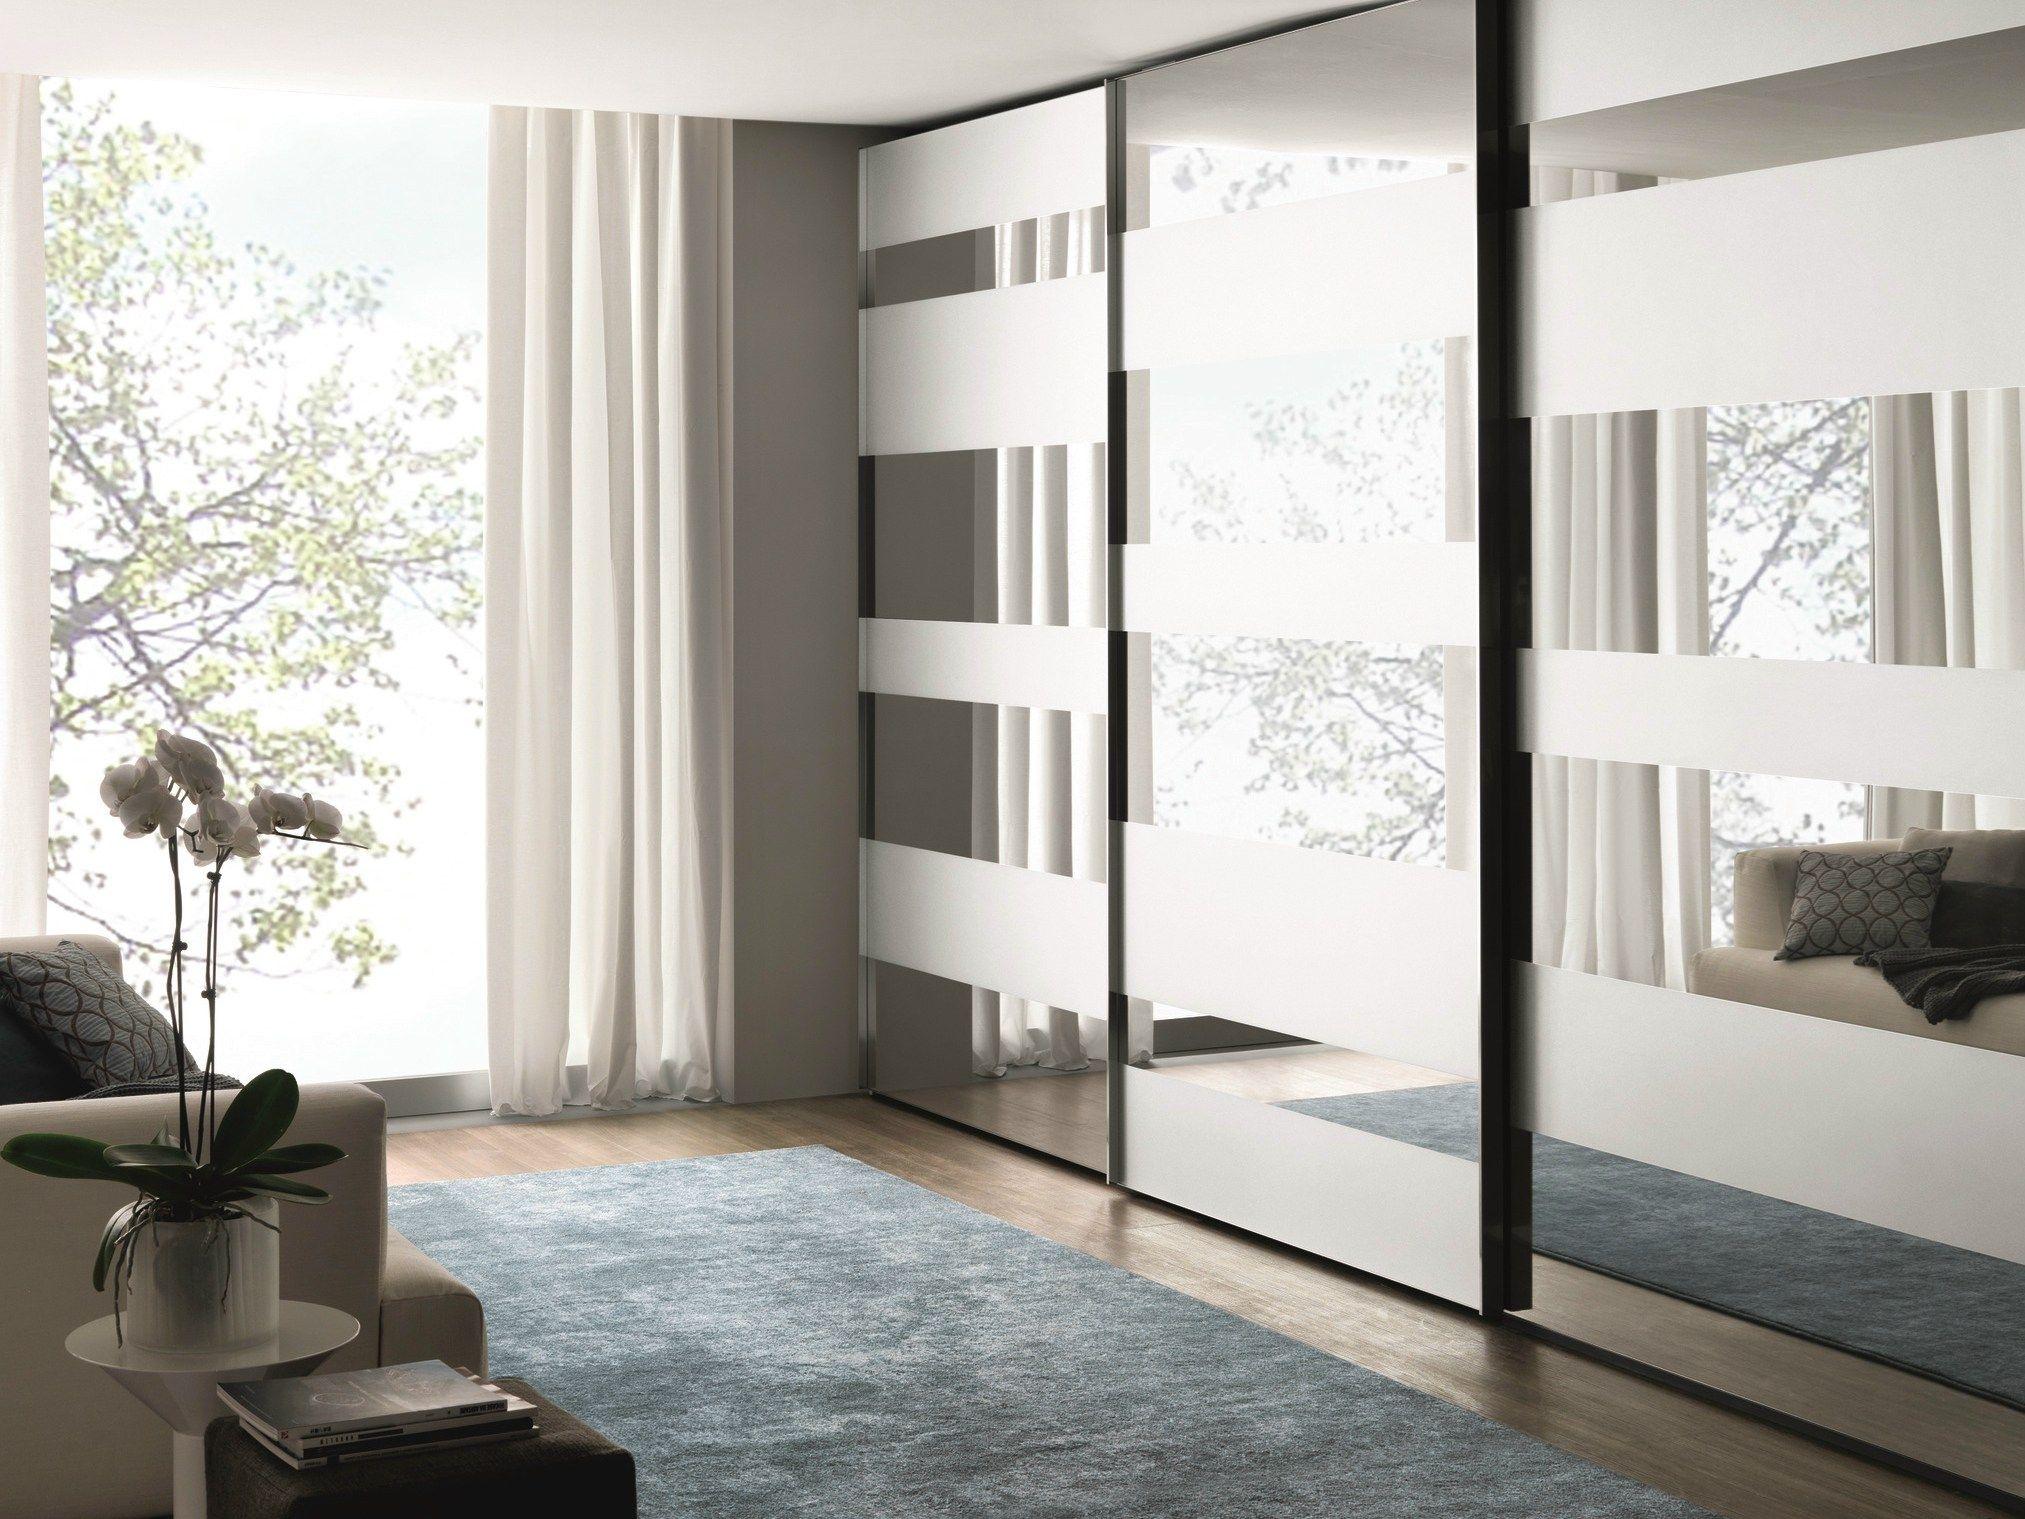 SEGMENTA NEW Armadio in vetro a specchio by MisuraEmme